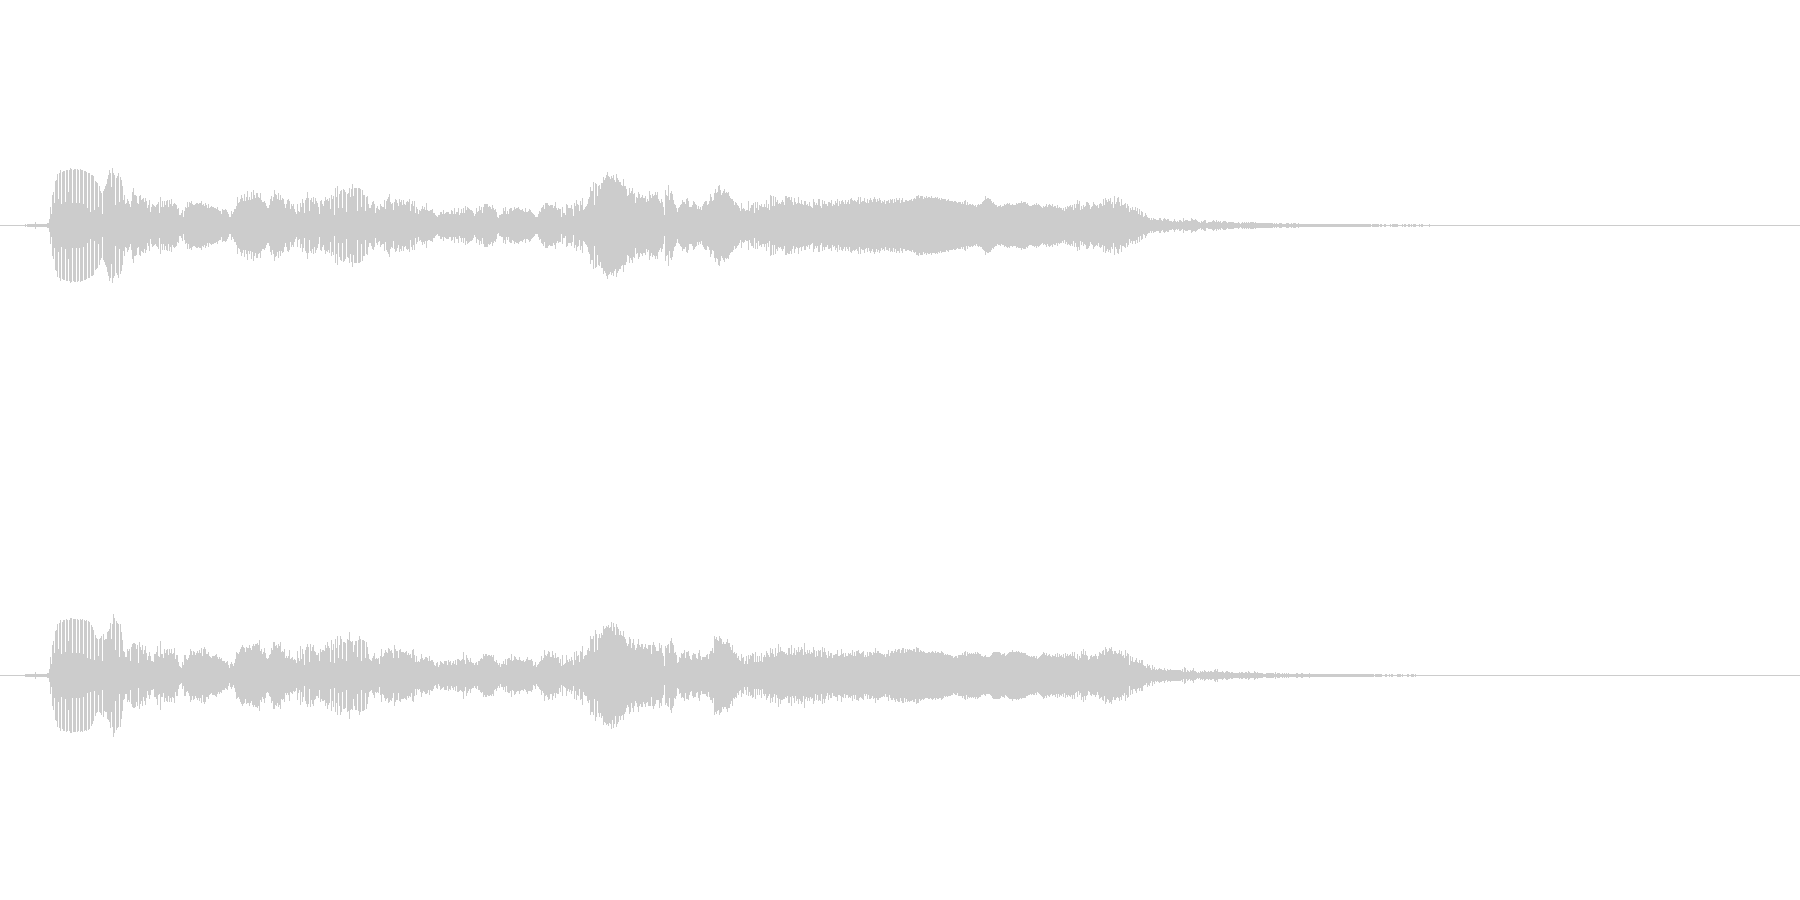 サックスで奏でるサウンドロゴの未再生の波形